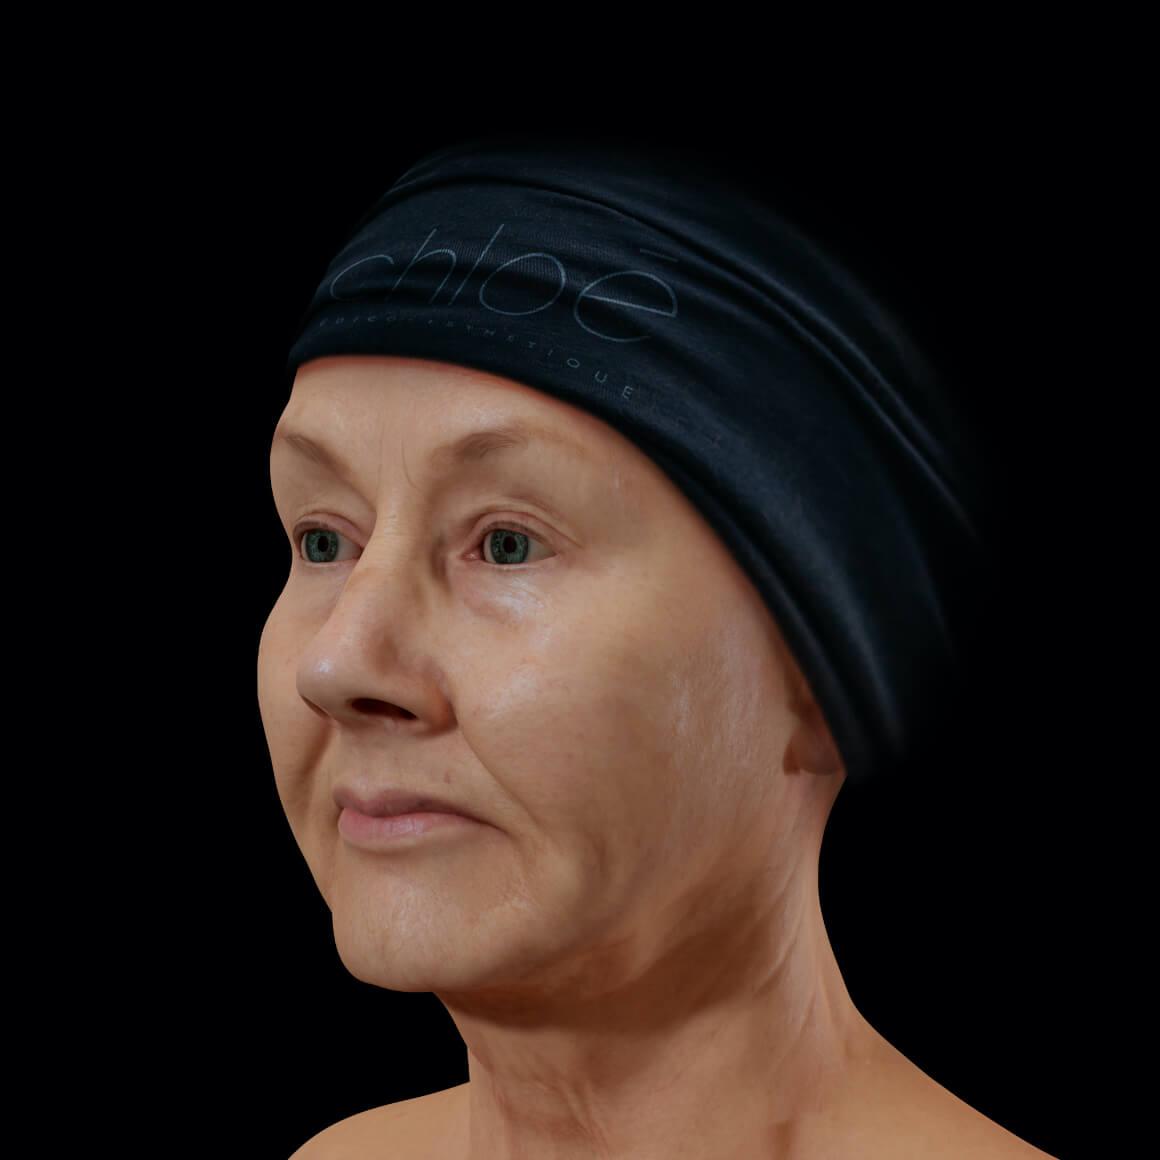 Femme patiente à la Clinique Chloé vue en angle démontrant un relâchement cutané du visage